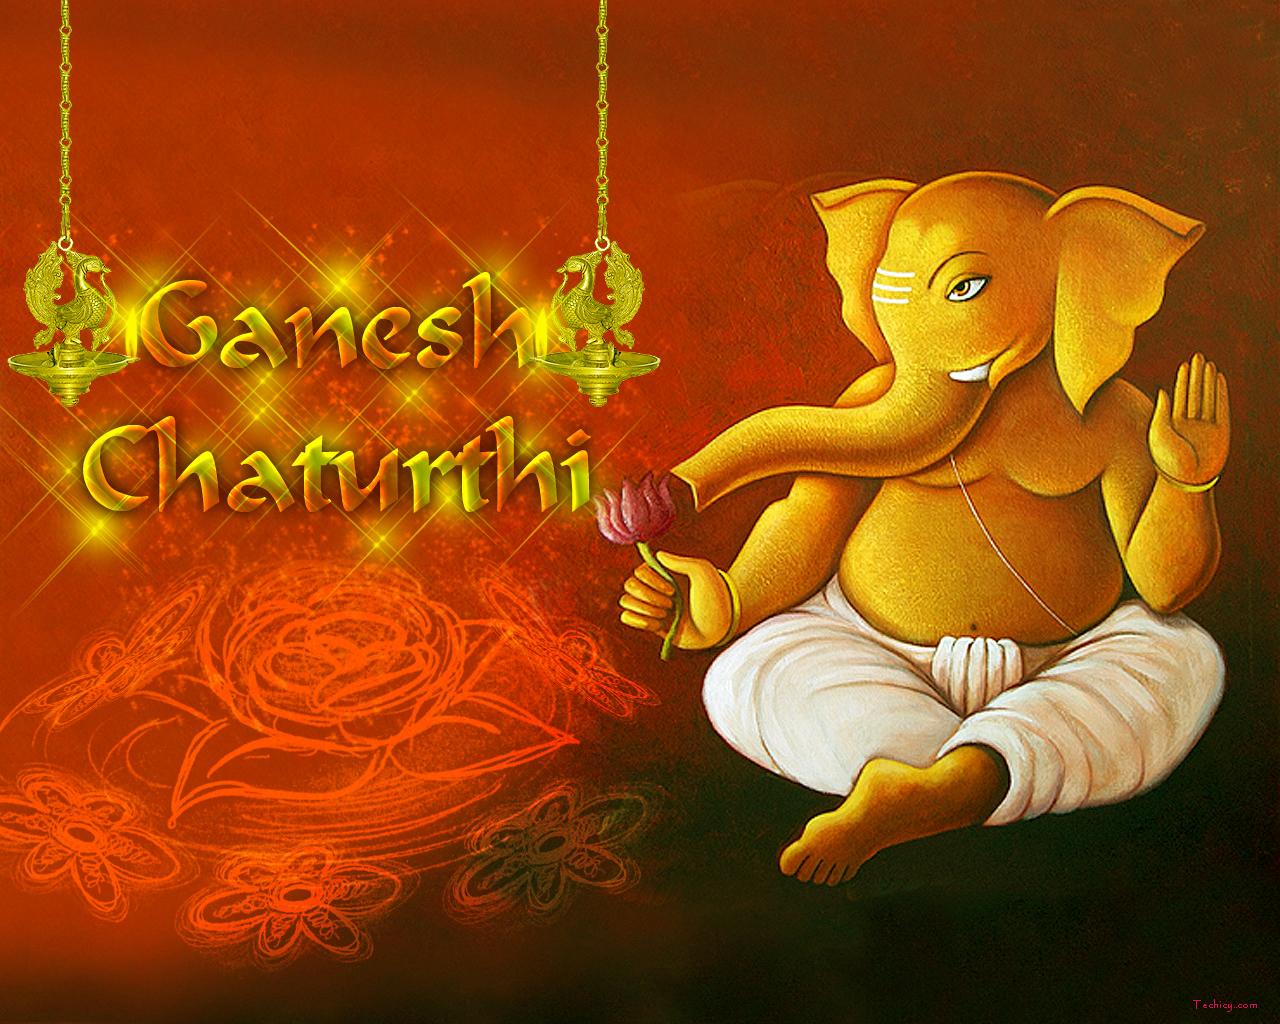 Hd wallpaper ganesh - Download Ganesh Chaturthi Hd Pics Photos